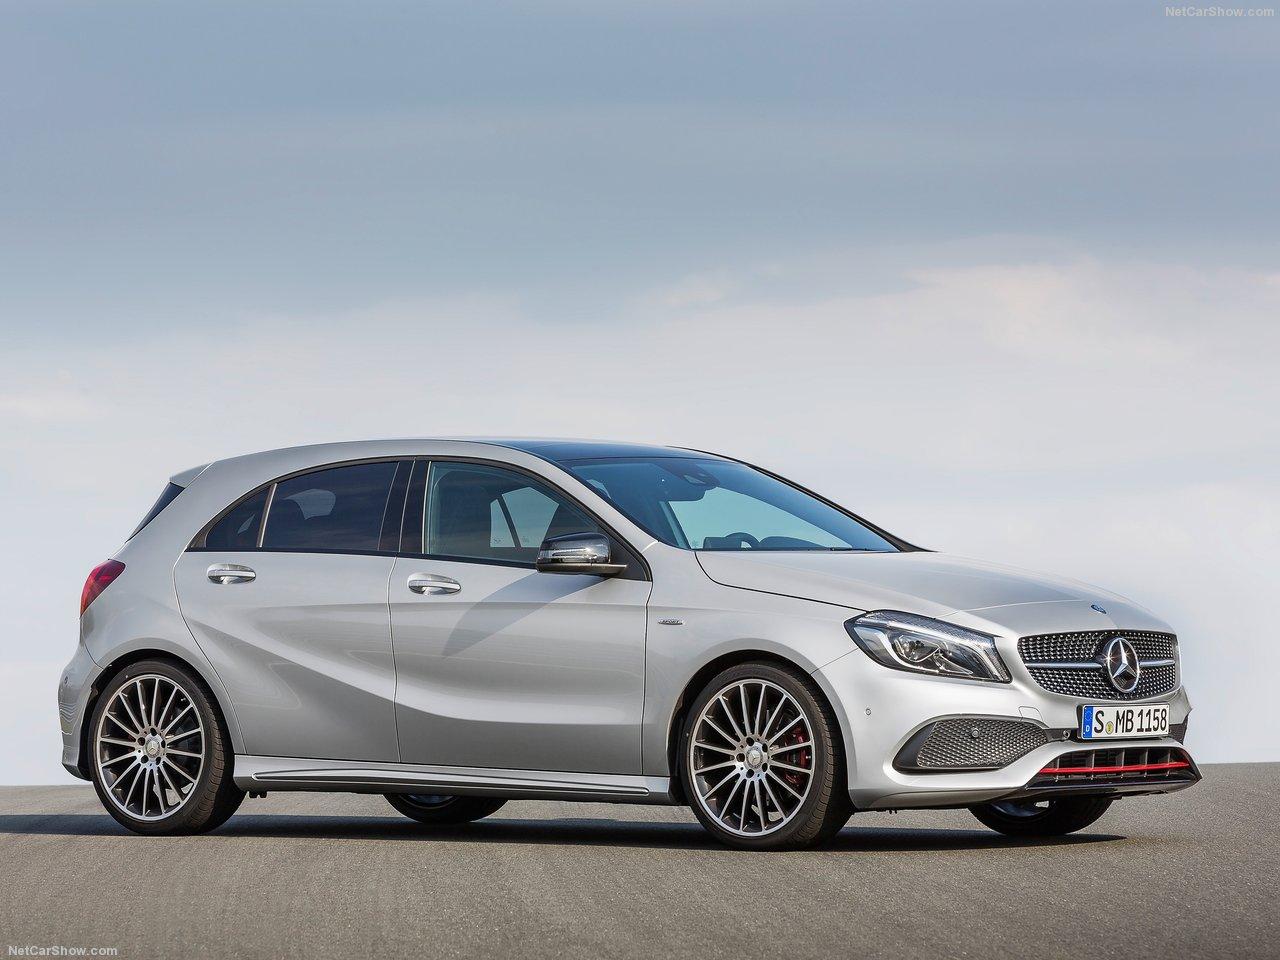 Mercedes-Benz-A-Class-2016-1280-05.jpg